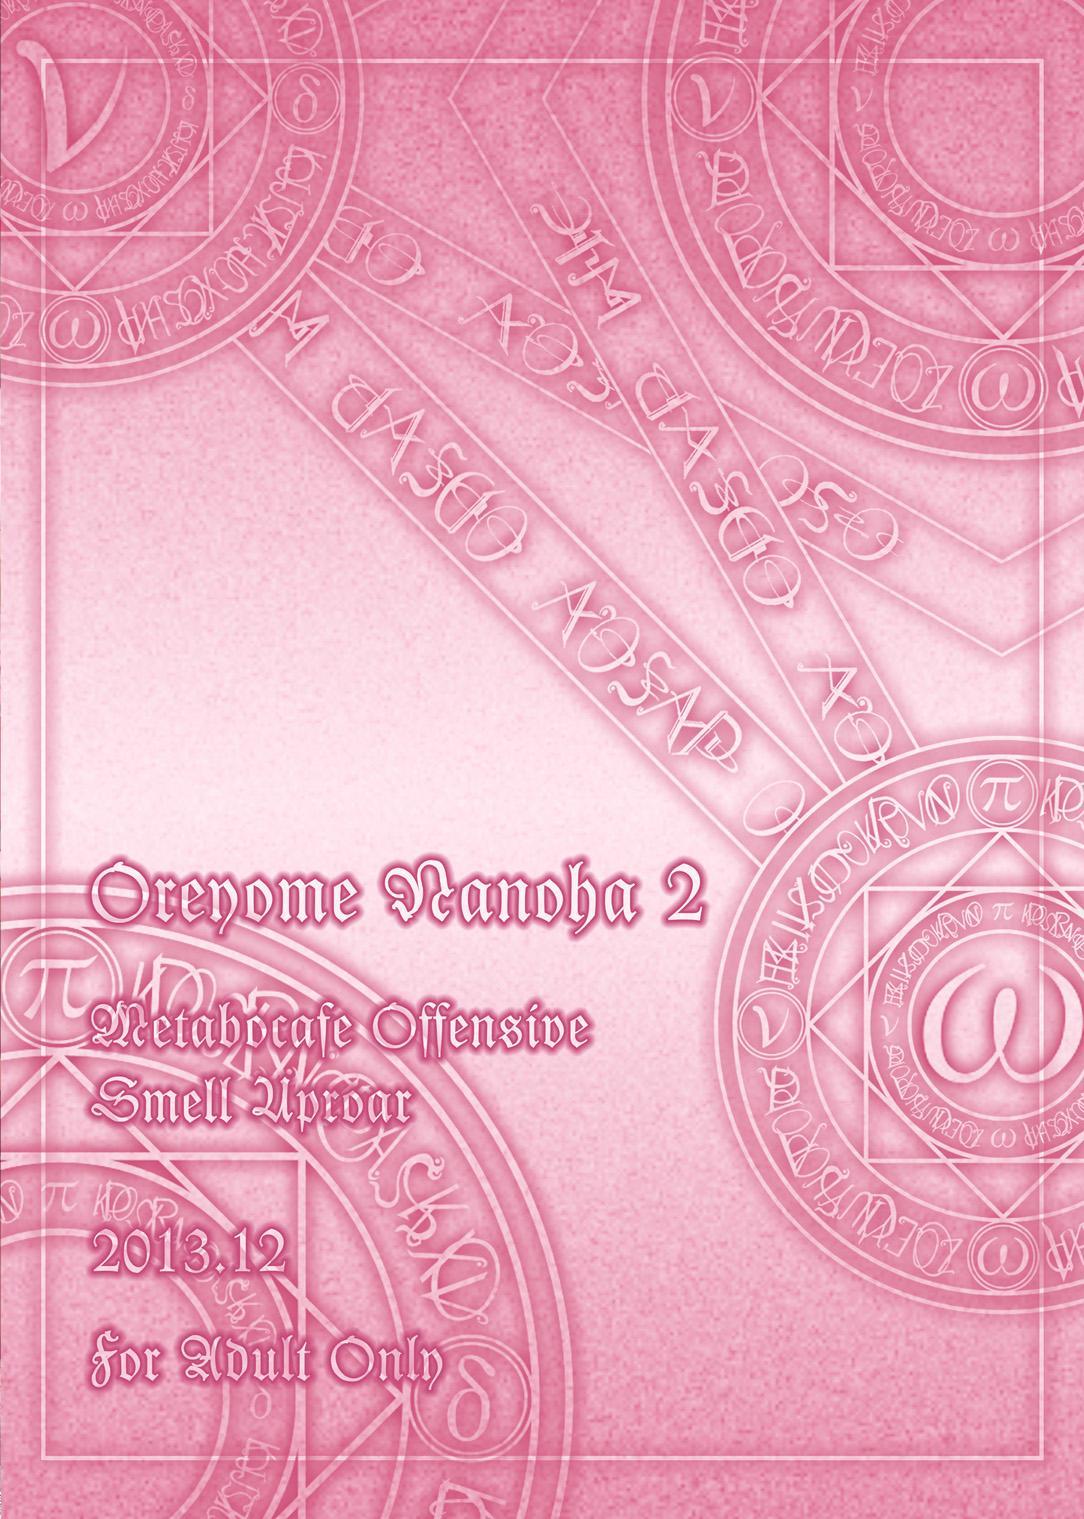 Ore Yome Nanoha 2 23